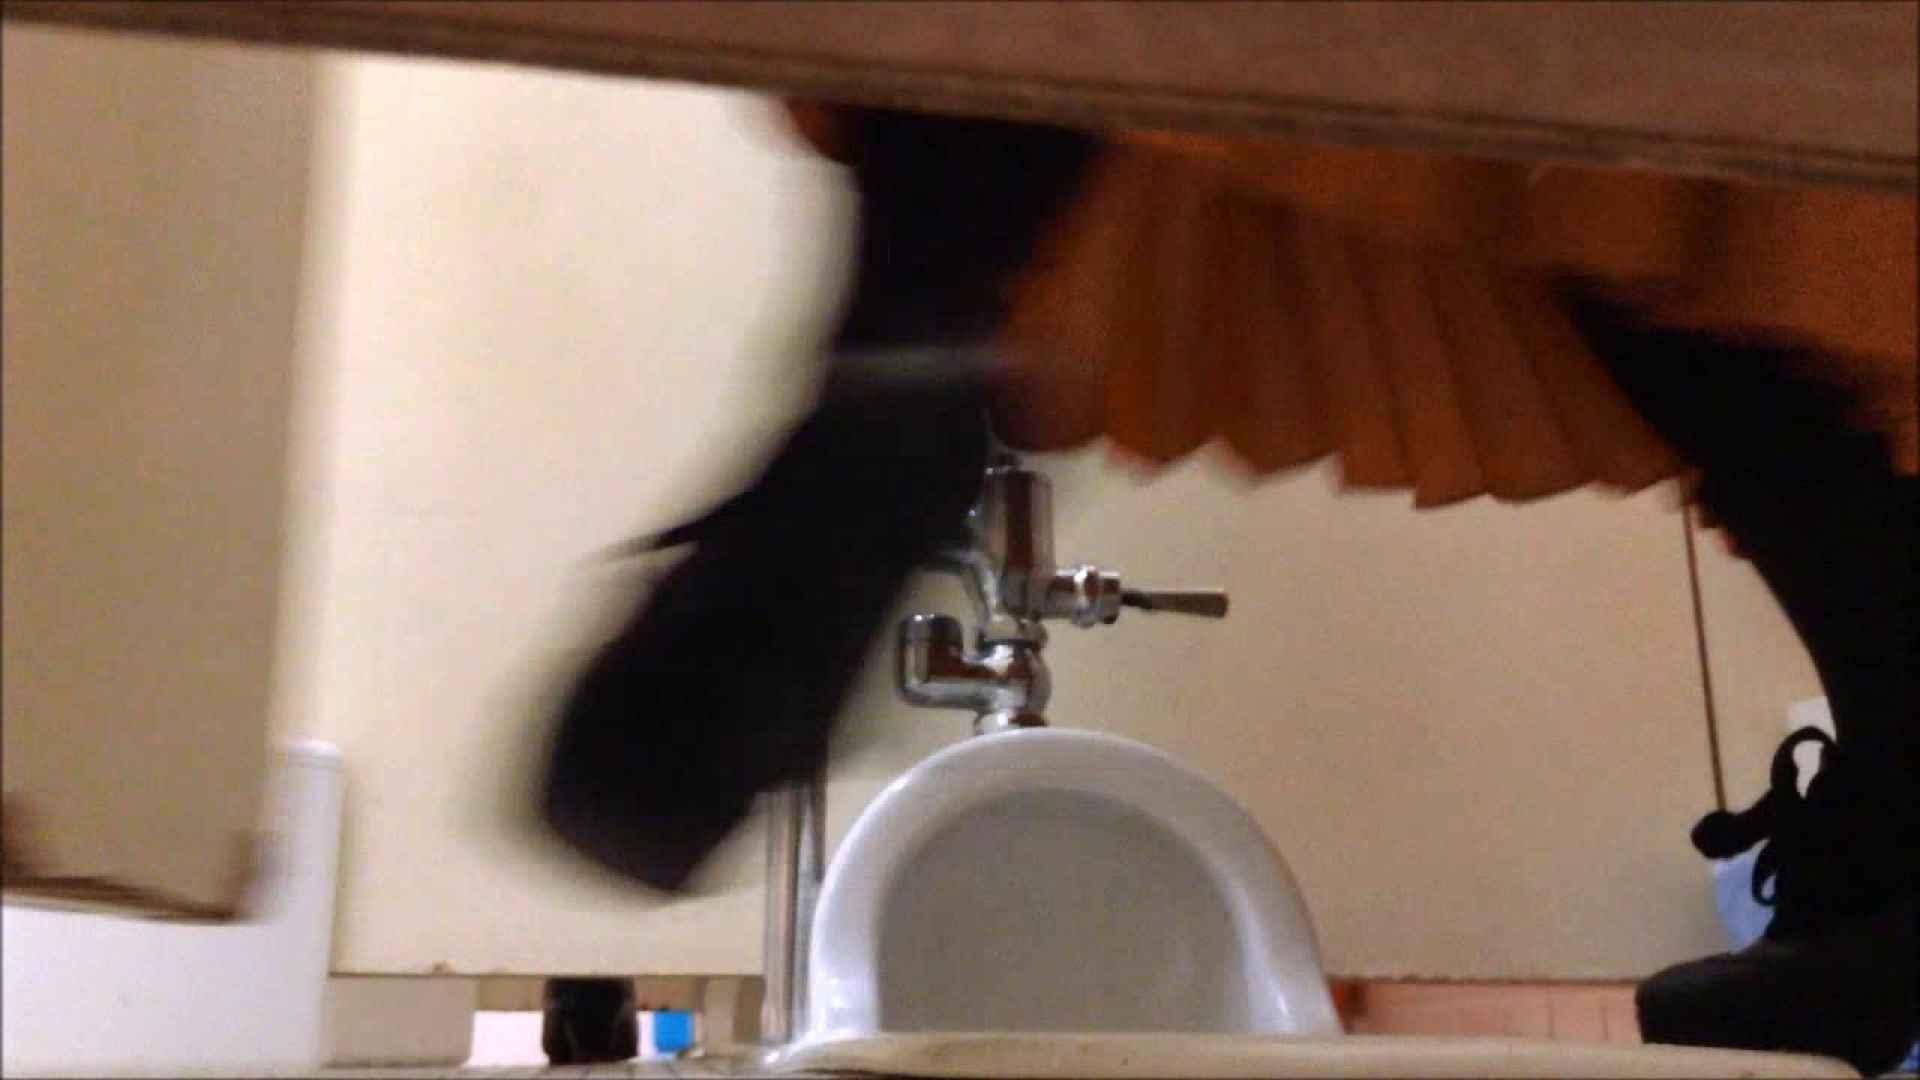 某有名大学女性洗面所 vol.07 潜入 | 和式  67連発 65